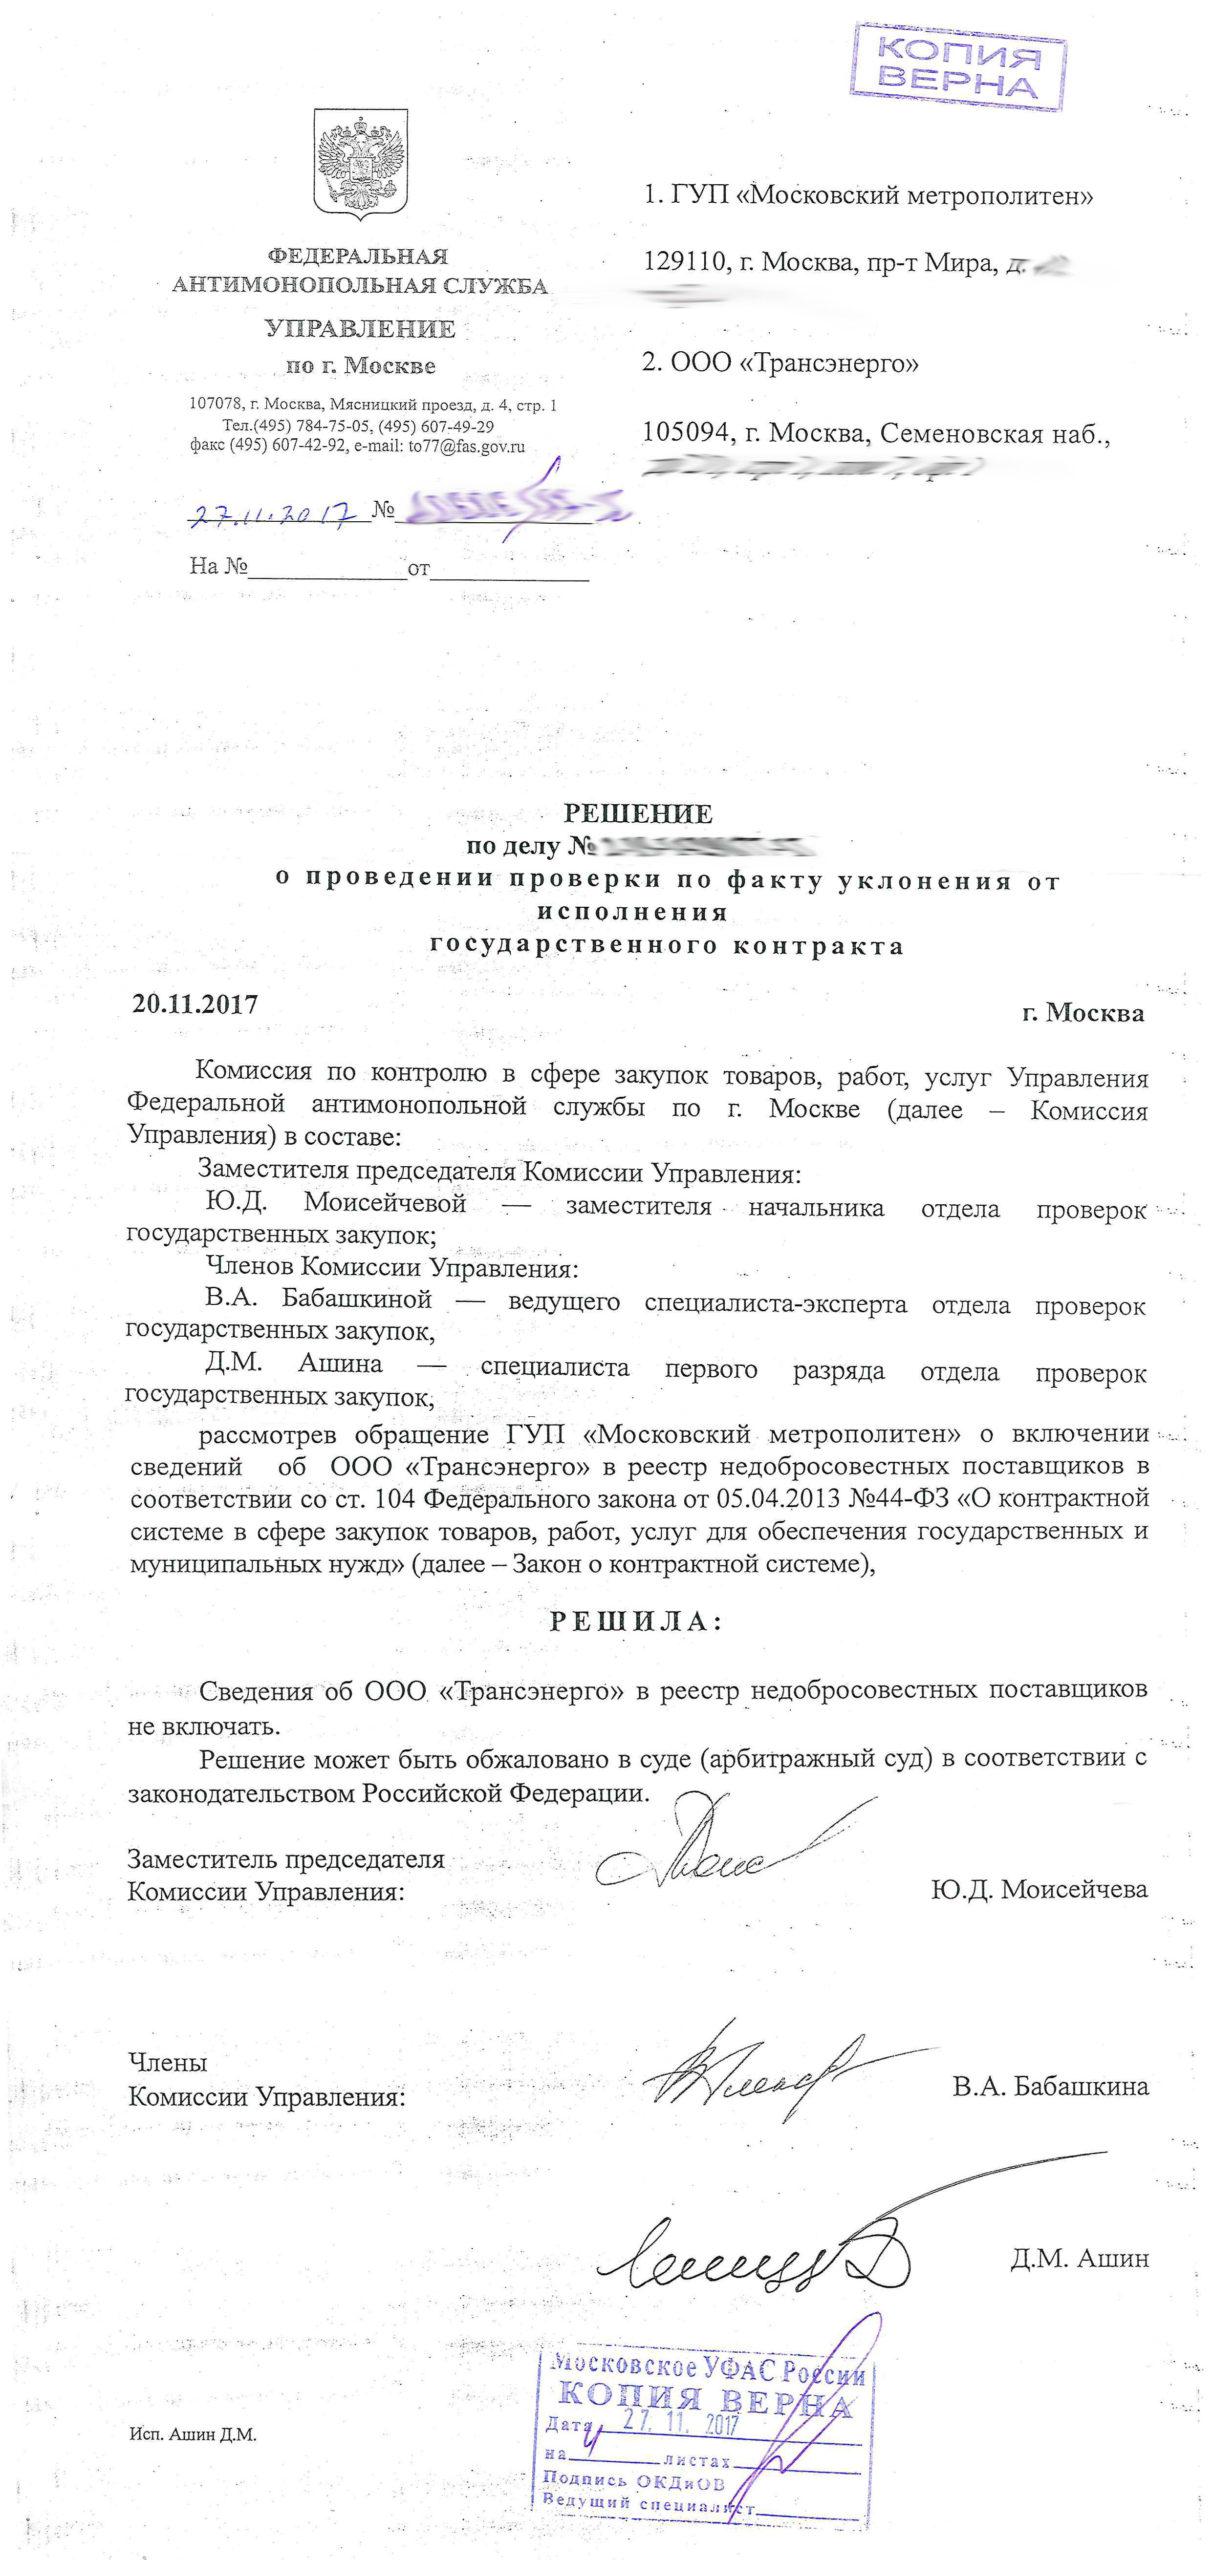 Московское УФАС Трансэнерго решение